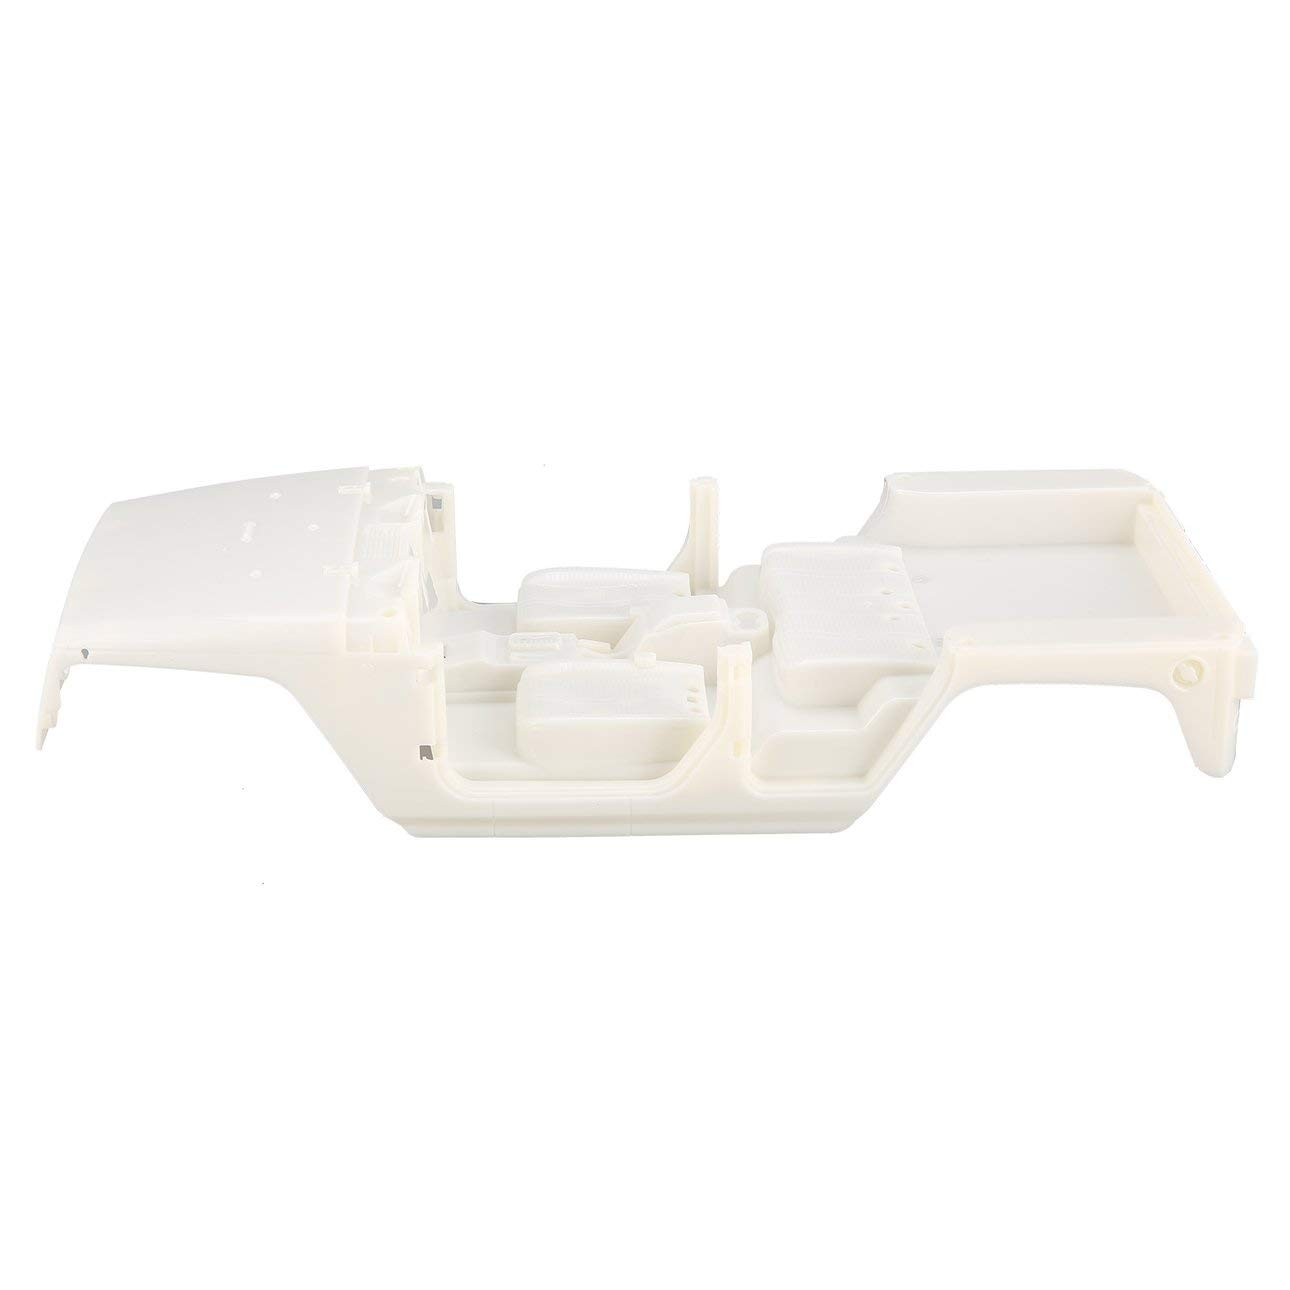 Ballylelly Carrozzeria in plastica Rigida Non assemblata Carrozzeria Kit Fai da Te per interasse 313mm 1//10 Wrangler Jeep Axial SCX10 RC Car Crawler Veicolo